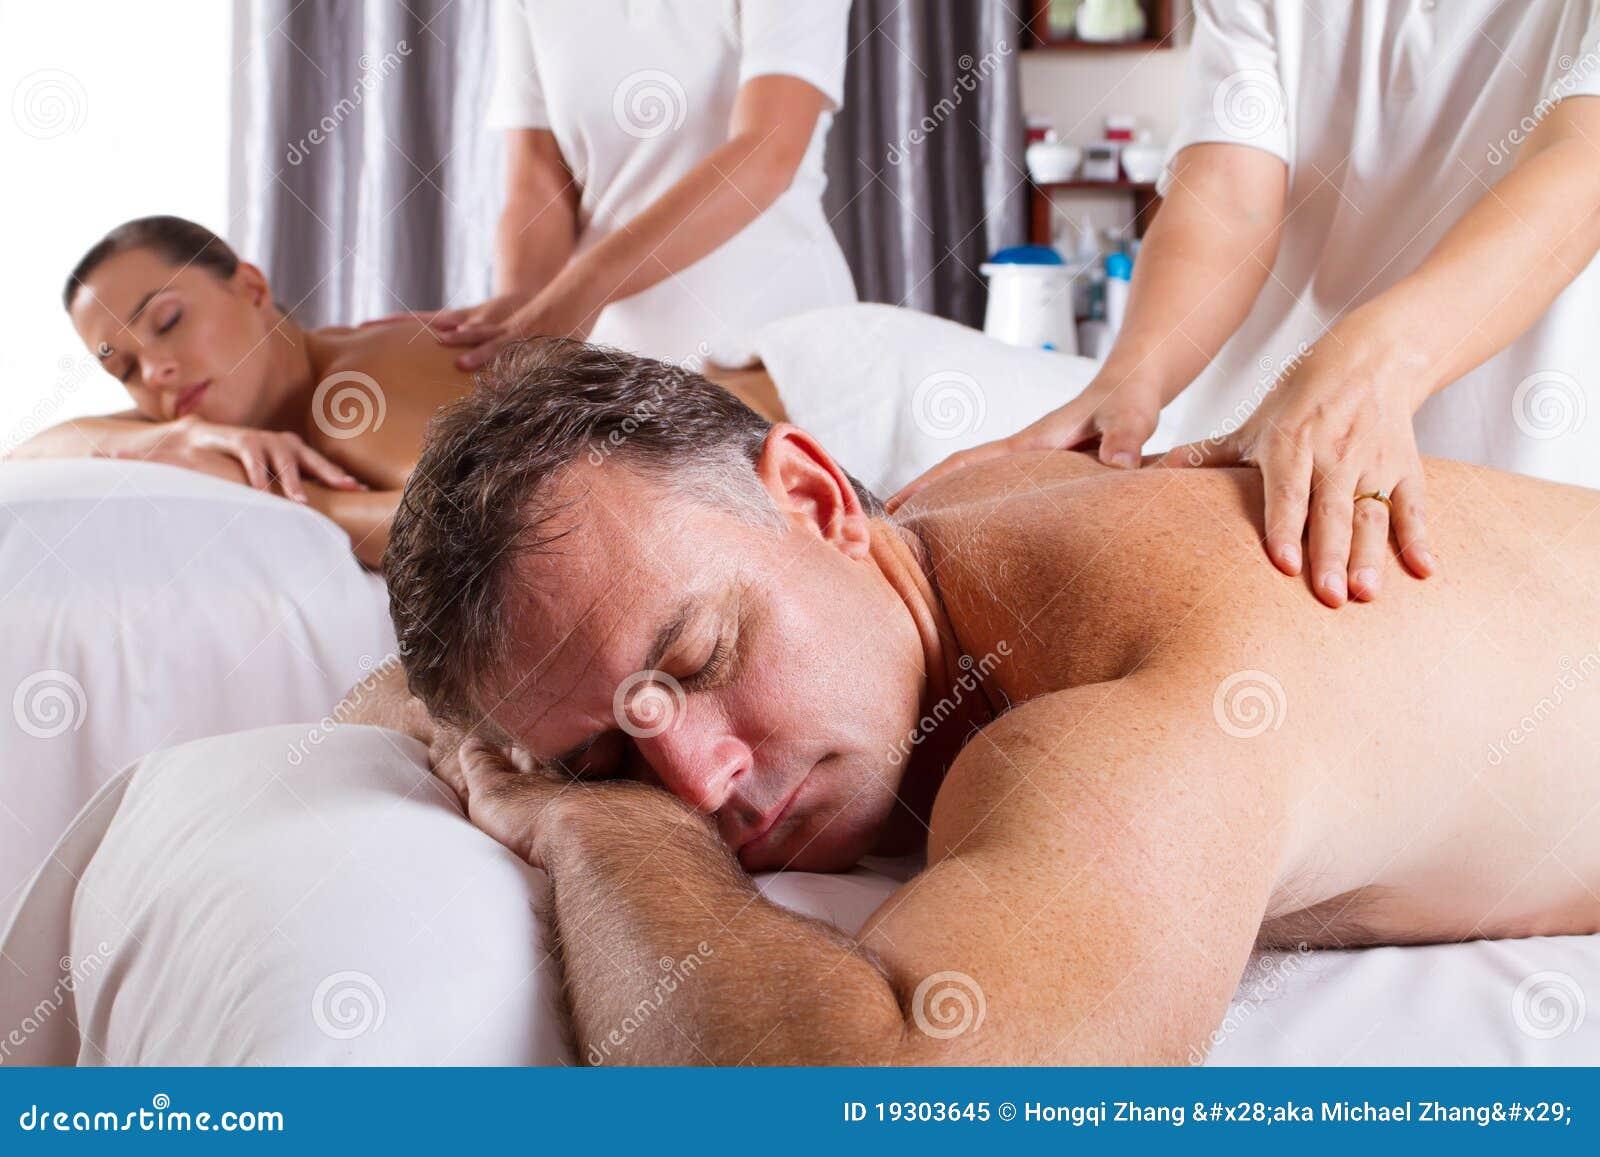 massage sensuel et érotique positions sexuelles à trois